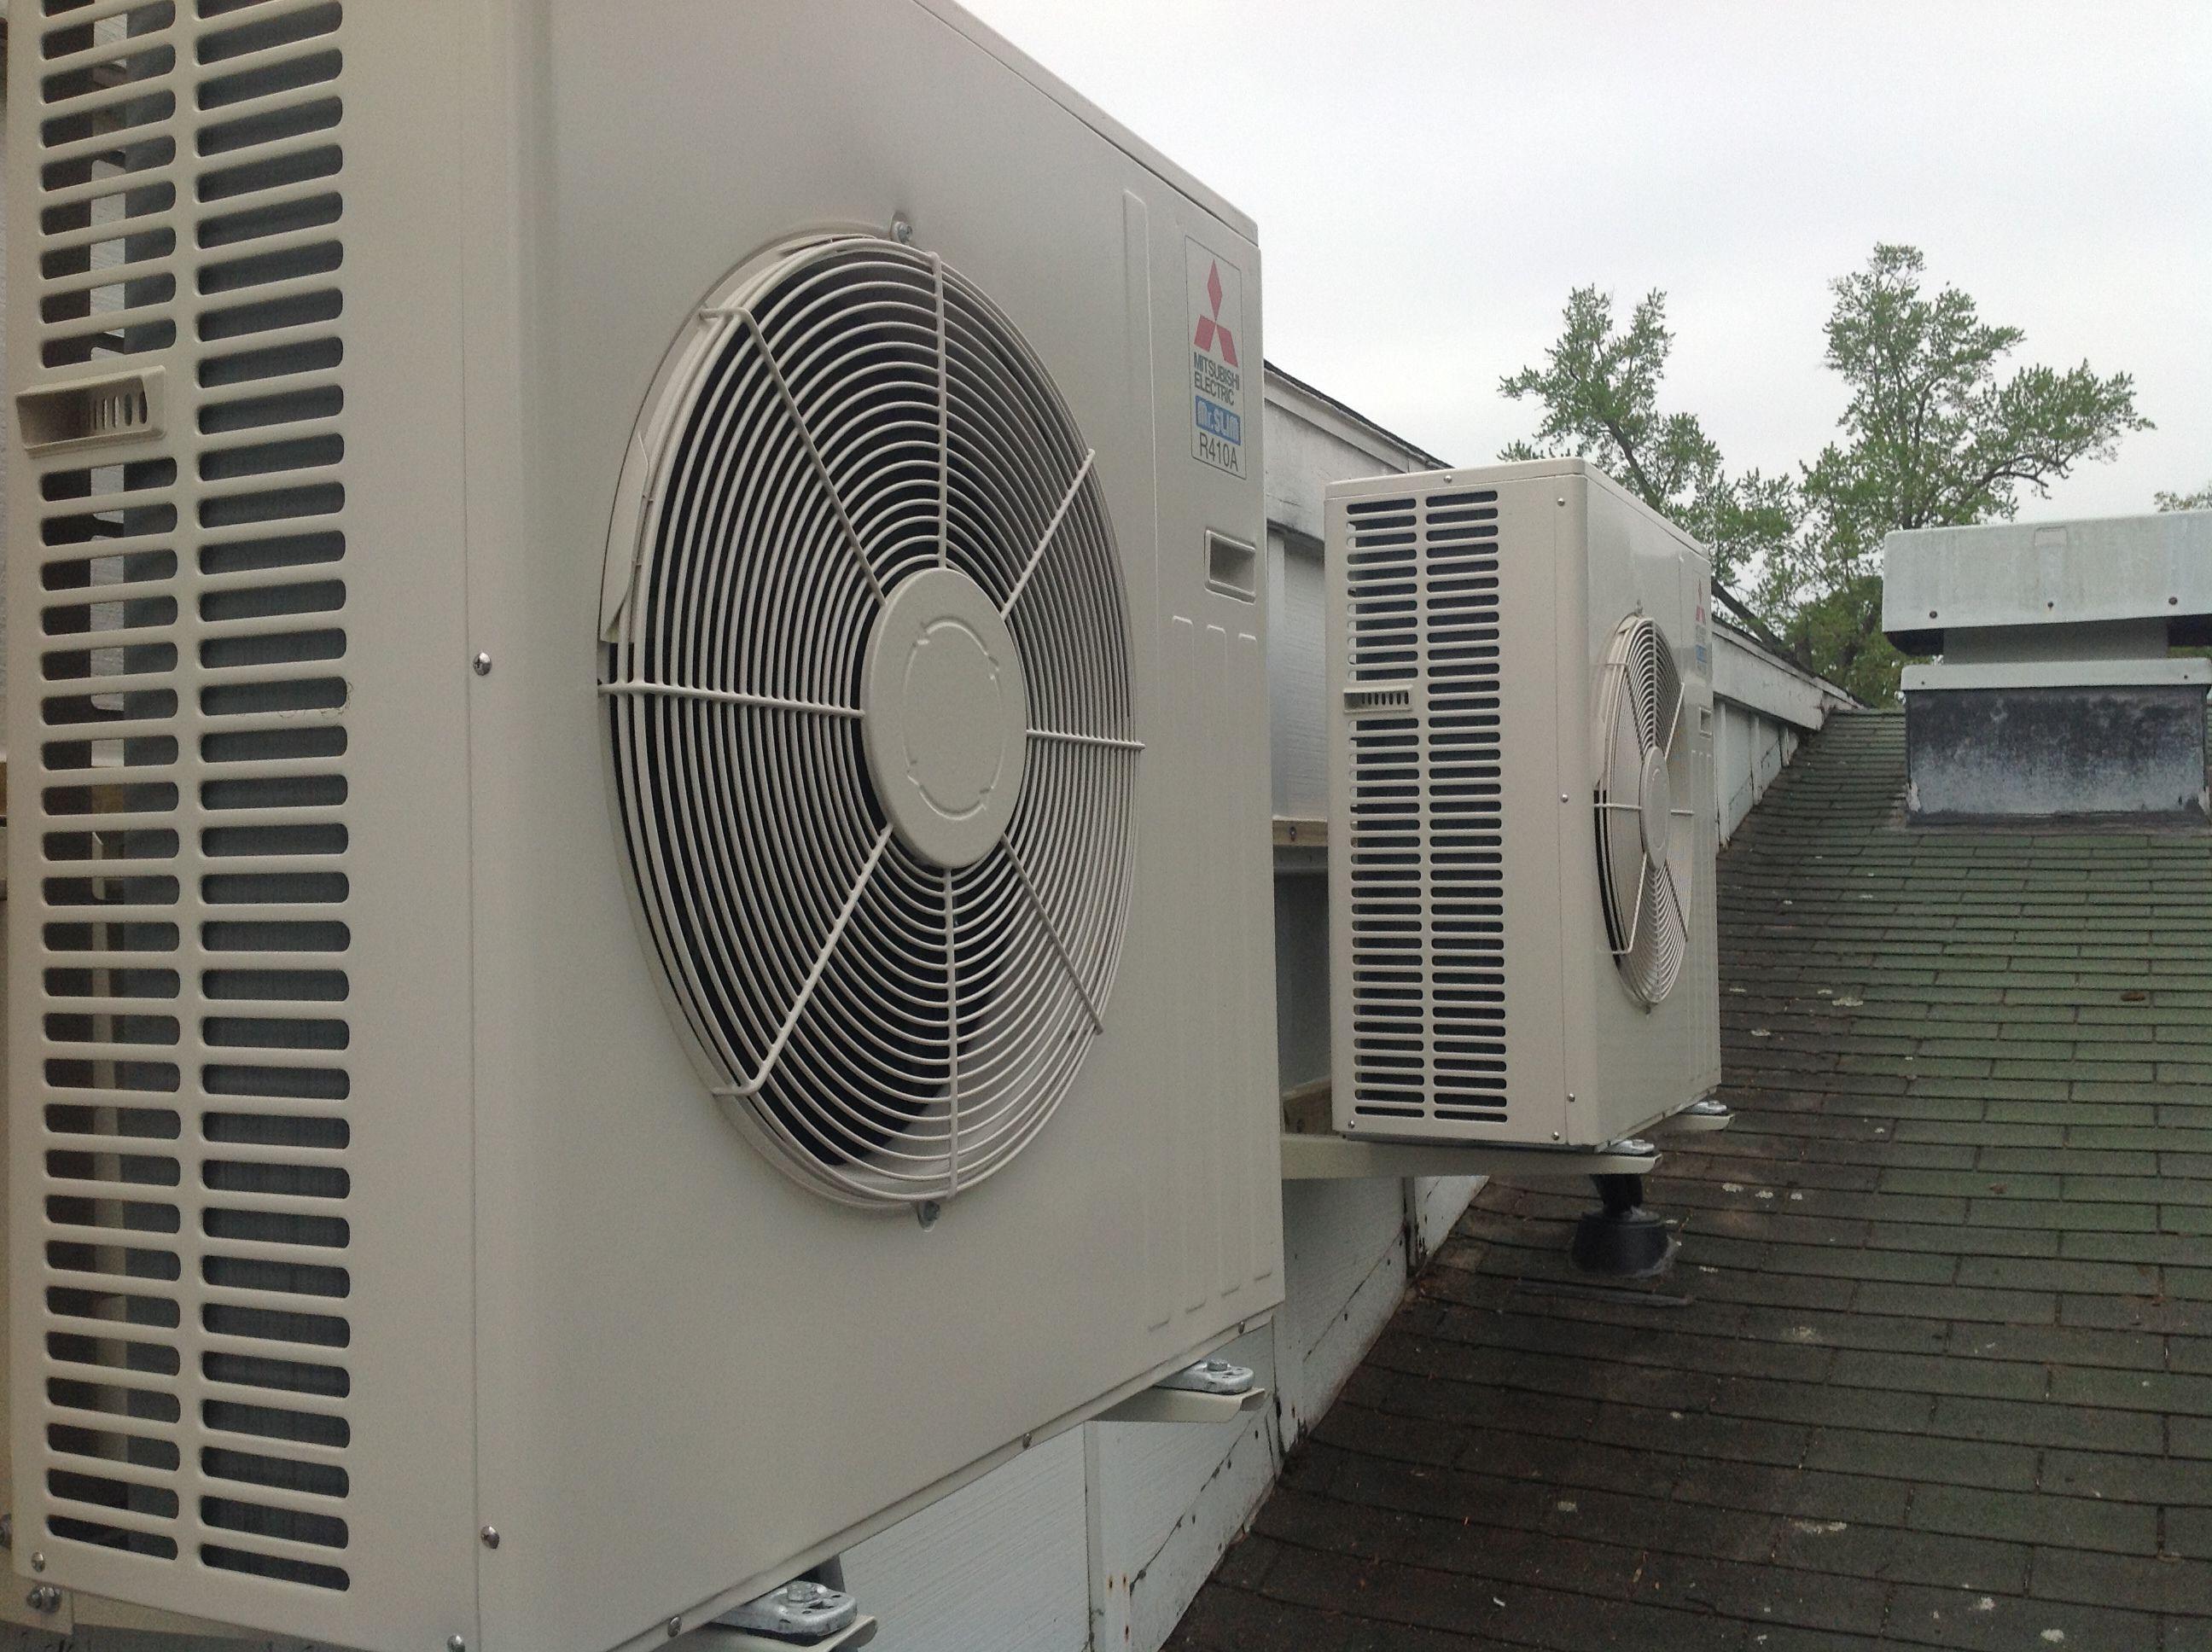 WallMounted Air Conditioner Units Mitsubishi Electric